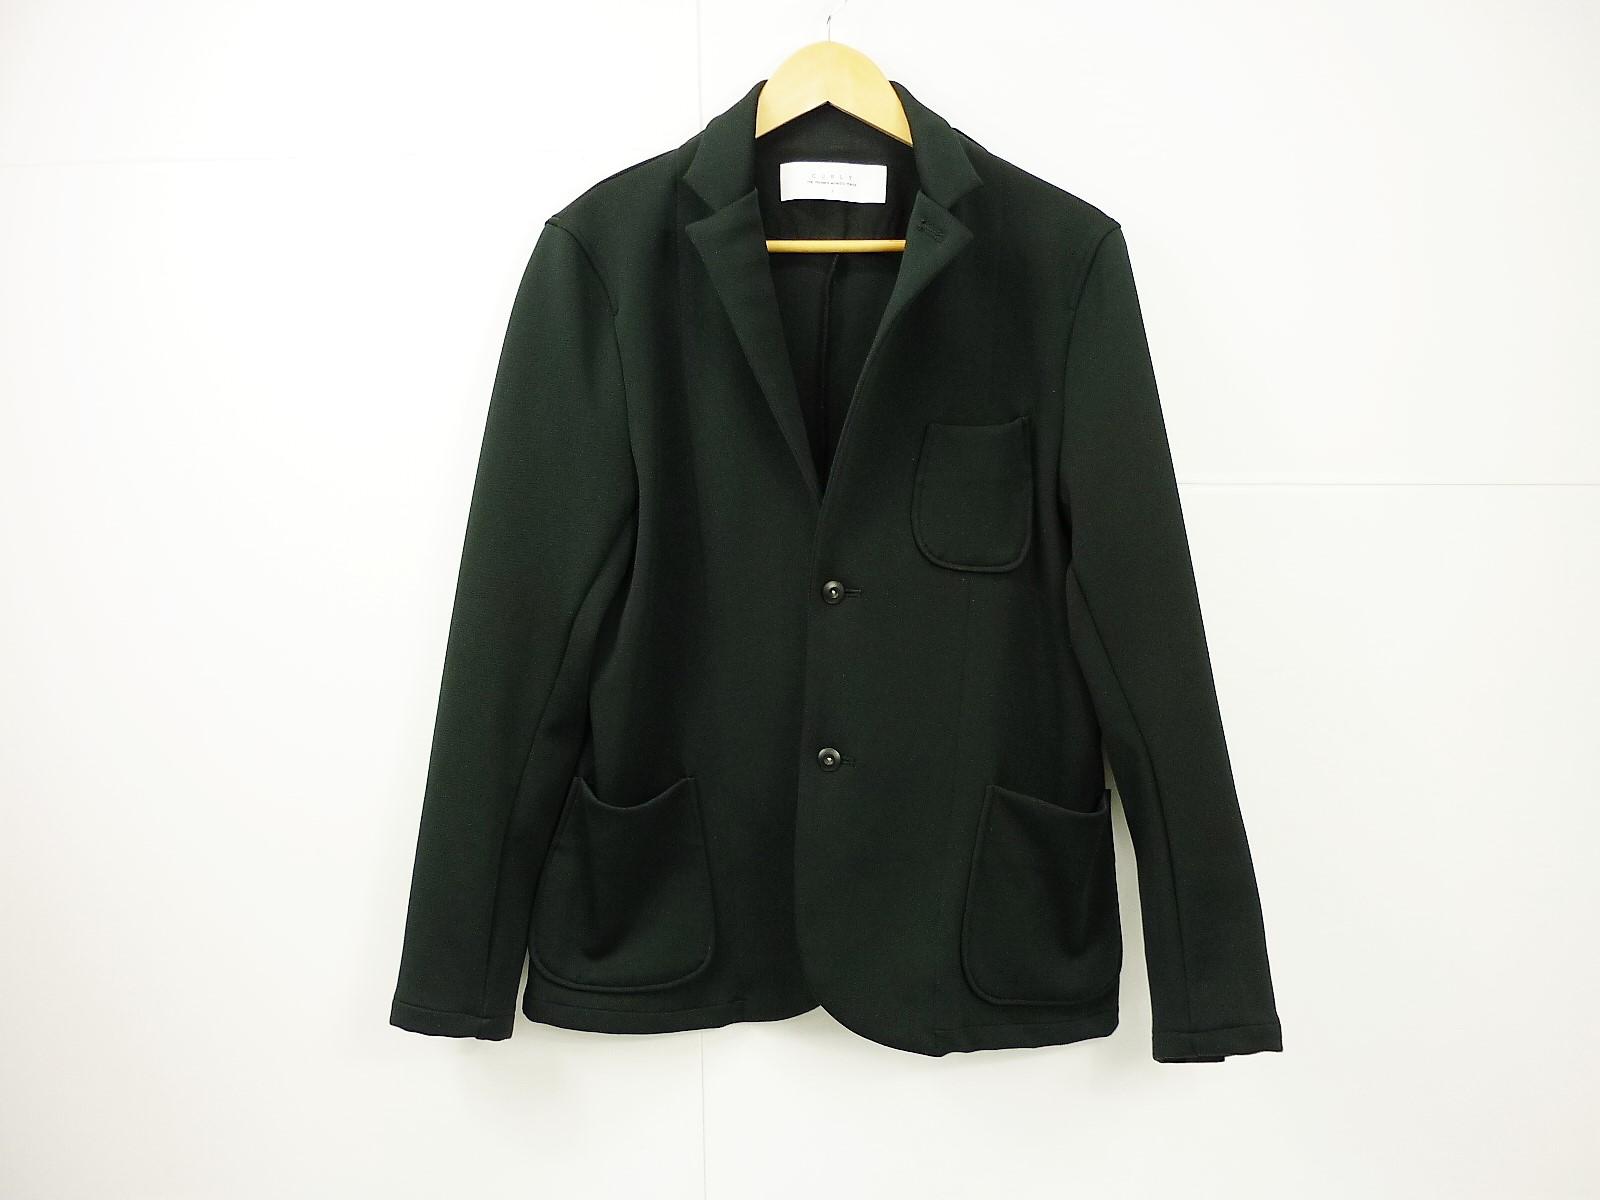 CURLY TRACK セットアップスーツ size:3 カーリー テーラード ブラック